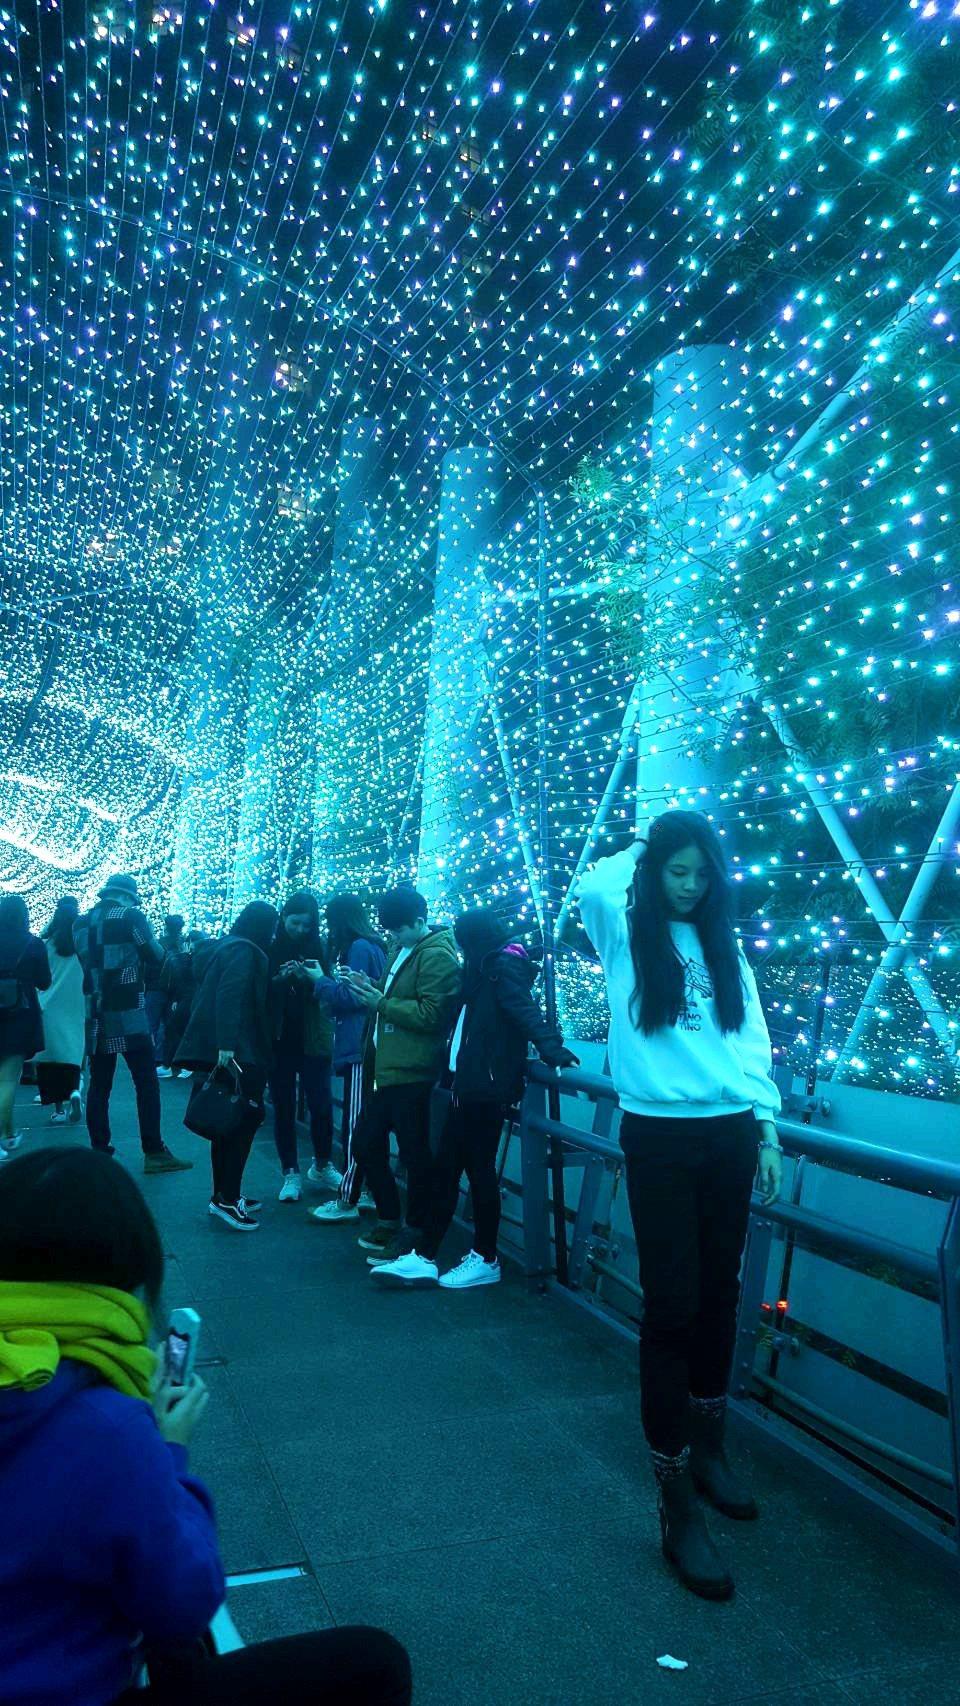 在漾著浪漫藍光的隧道中,處處可看見民眾駐留拍照。記者陳睿中/攝影